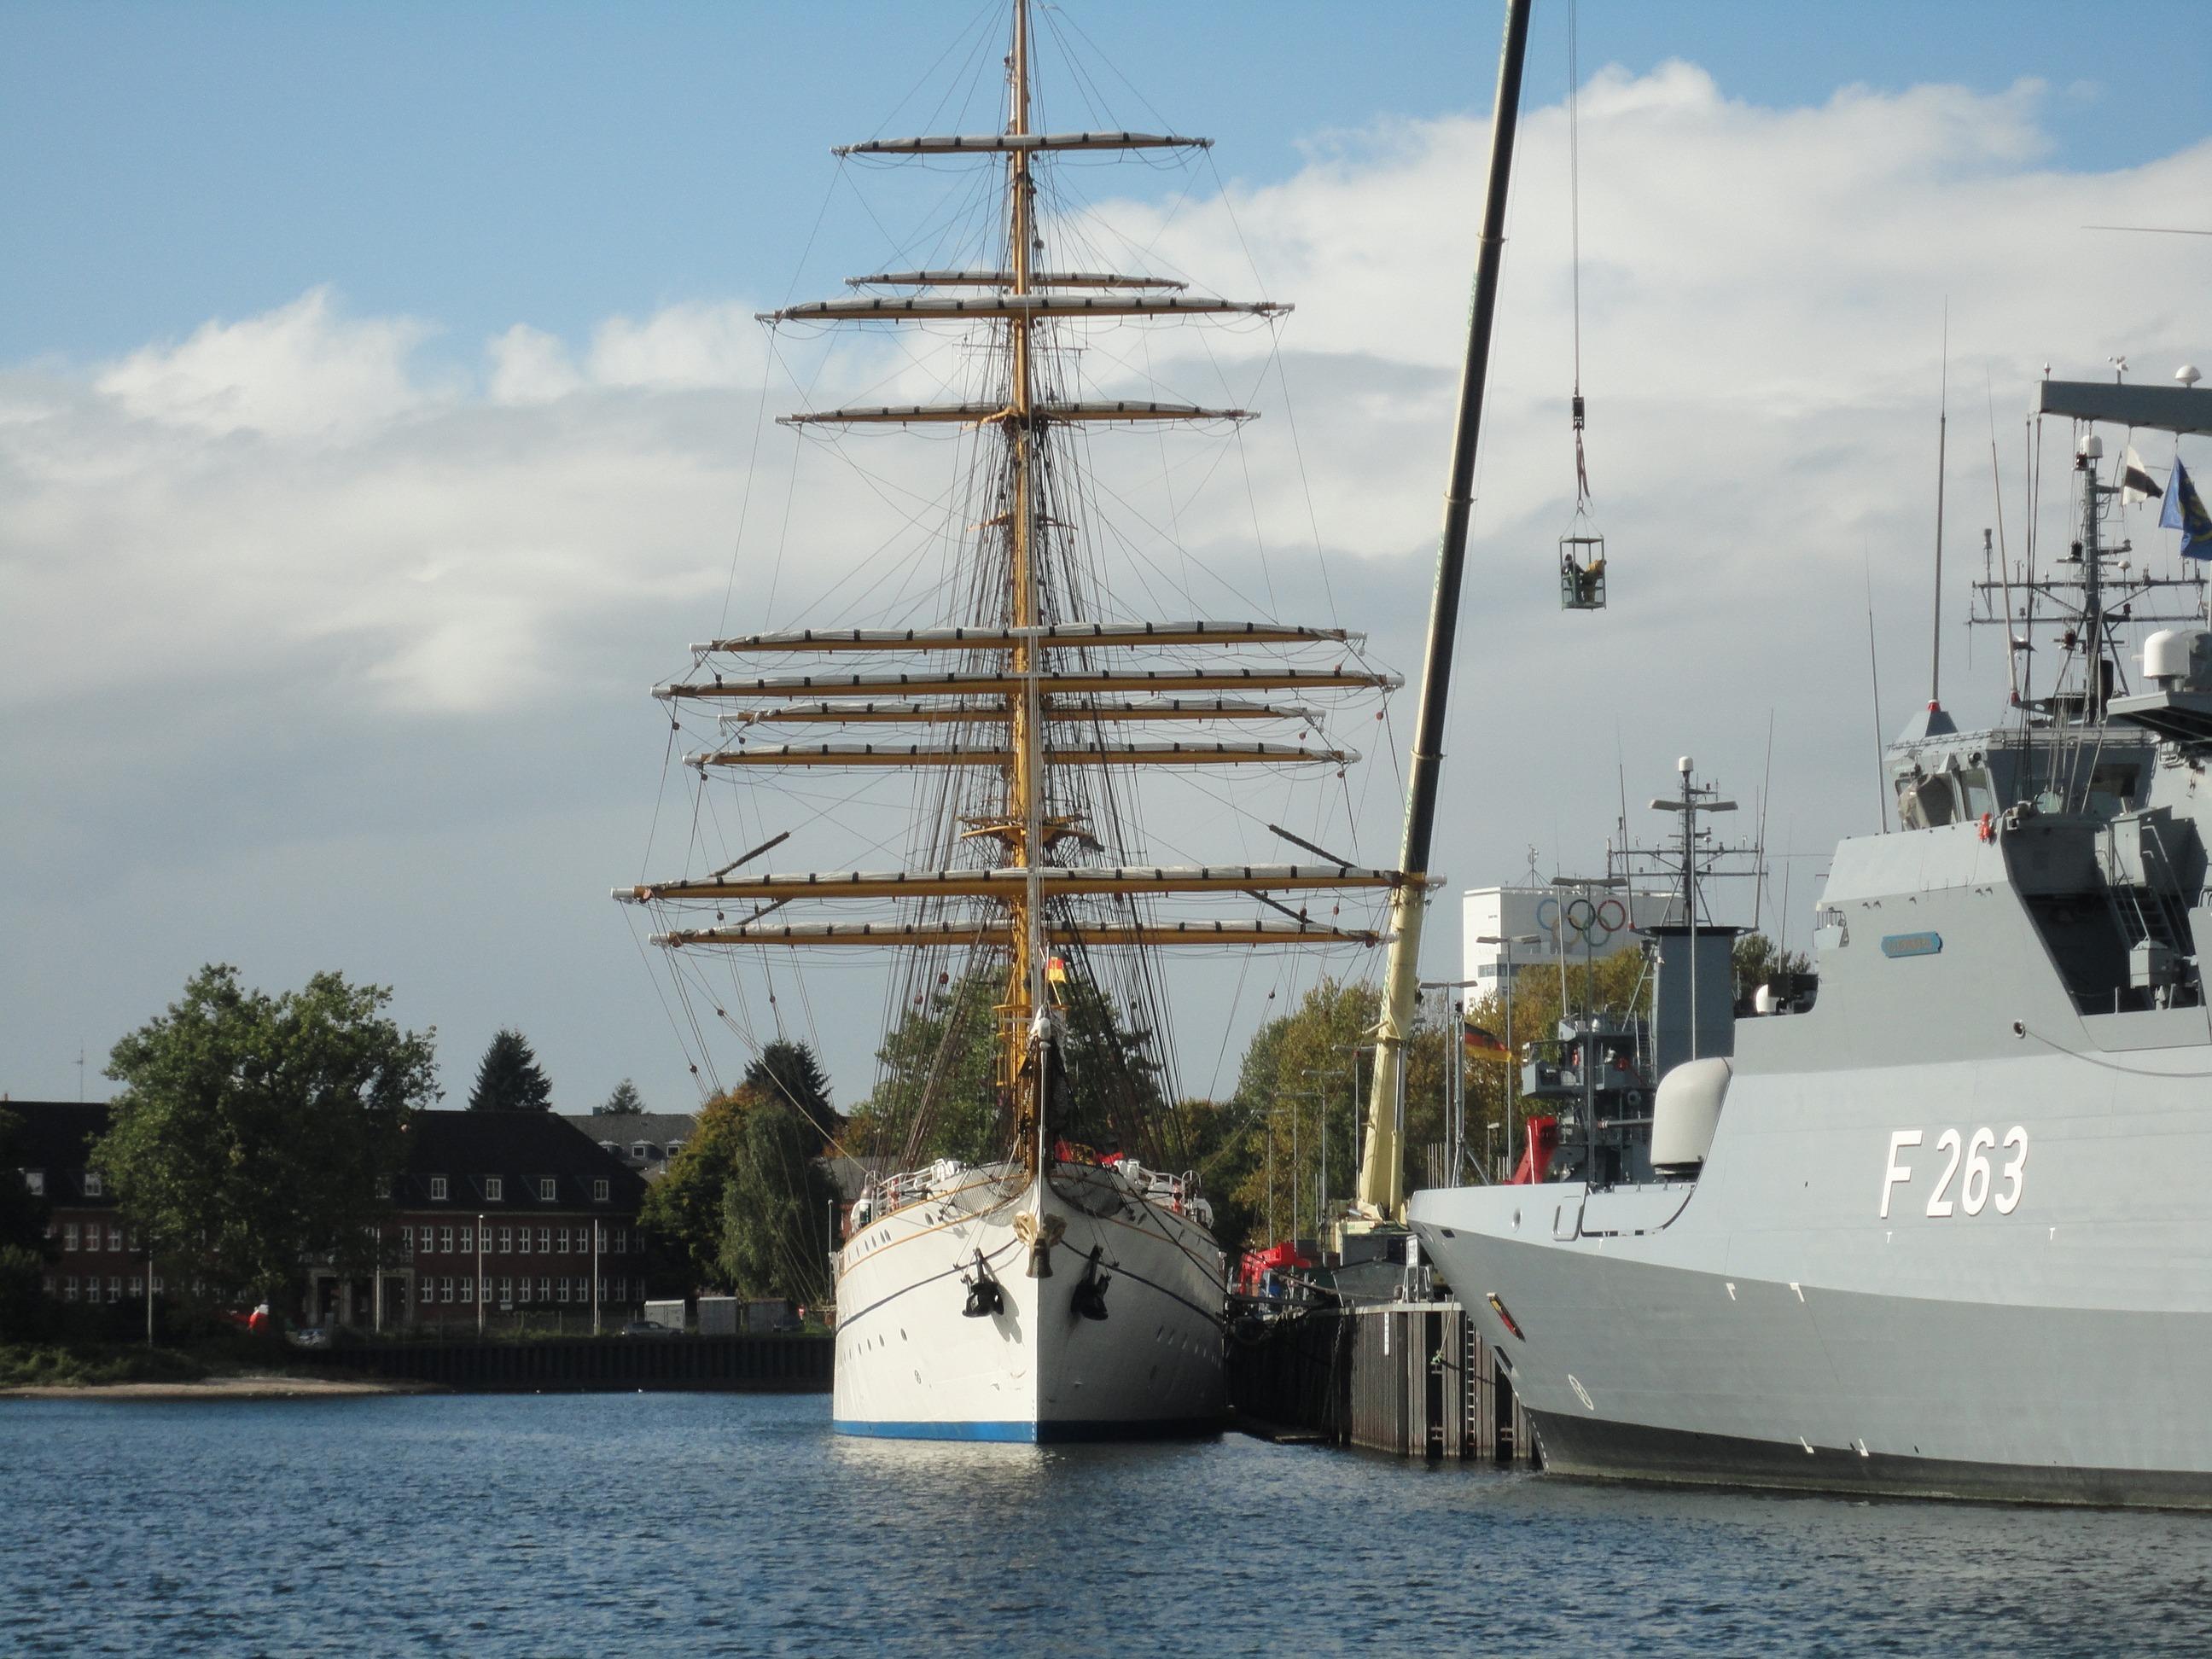 Images gratuites dock v hicule m t port marina - Photo de voilier gratuite ...